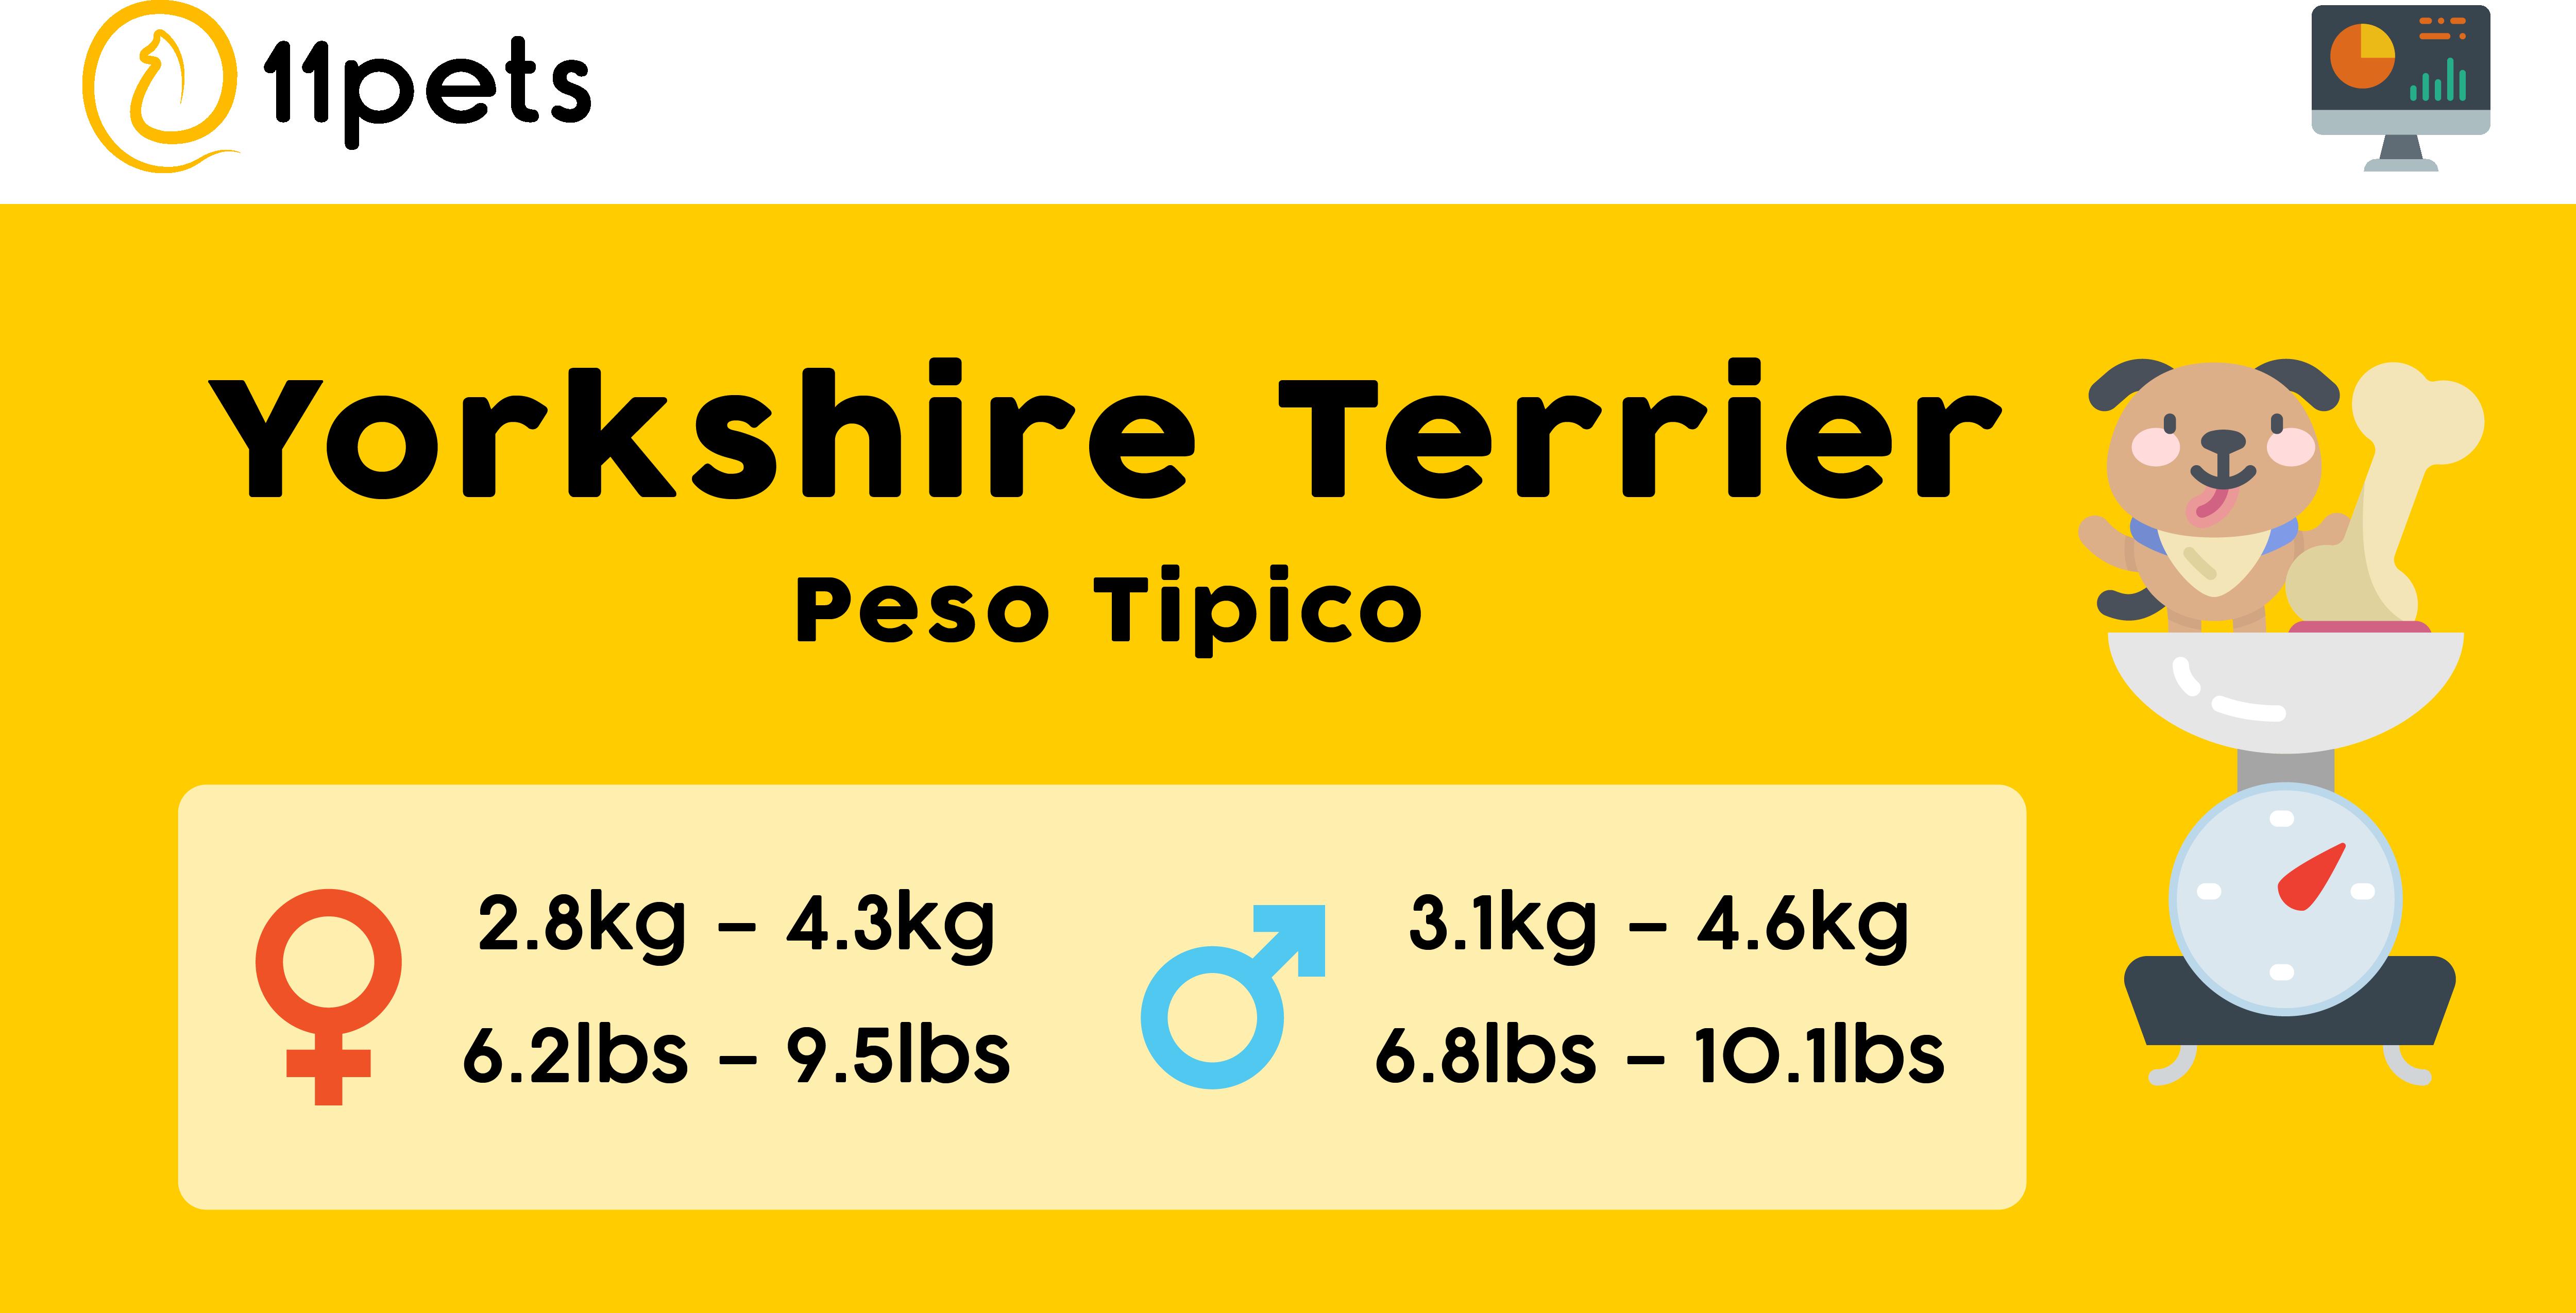 Peso tipico perros raza de Yorkshire Terrier